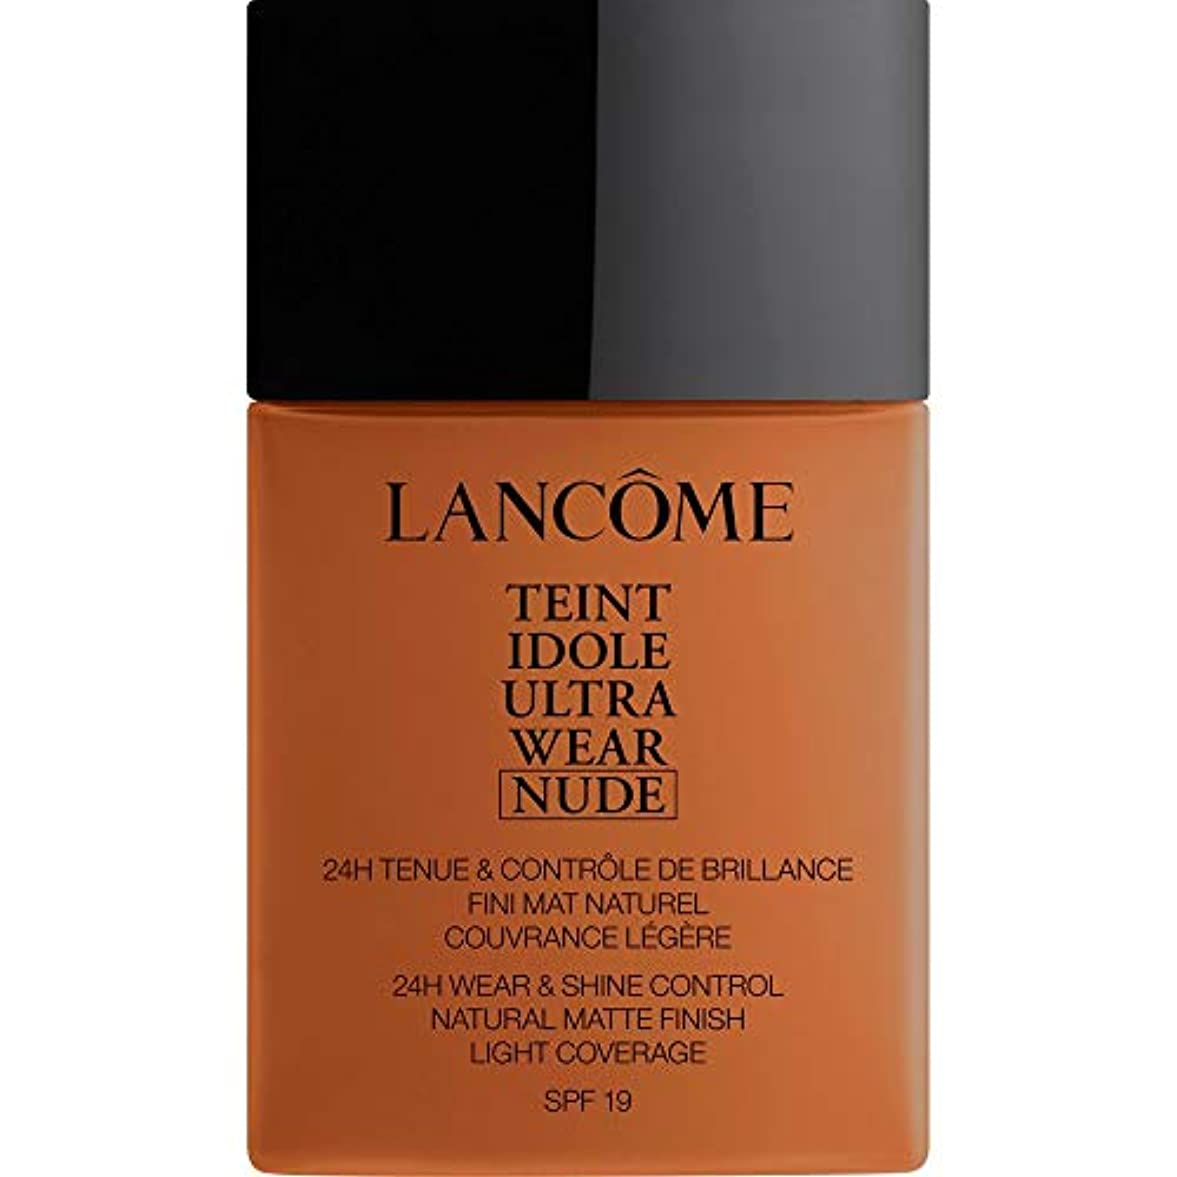 階下学ぶパイプ[Lanc?me ] アンブレ - ランコムTeintのIdoleは、超ヌード基礎Spf19の40ミリリットル12を着用します - Lancome Teint Idole Ultra Wear Nude Foundation...